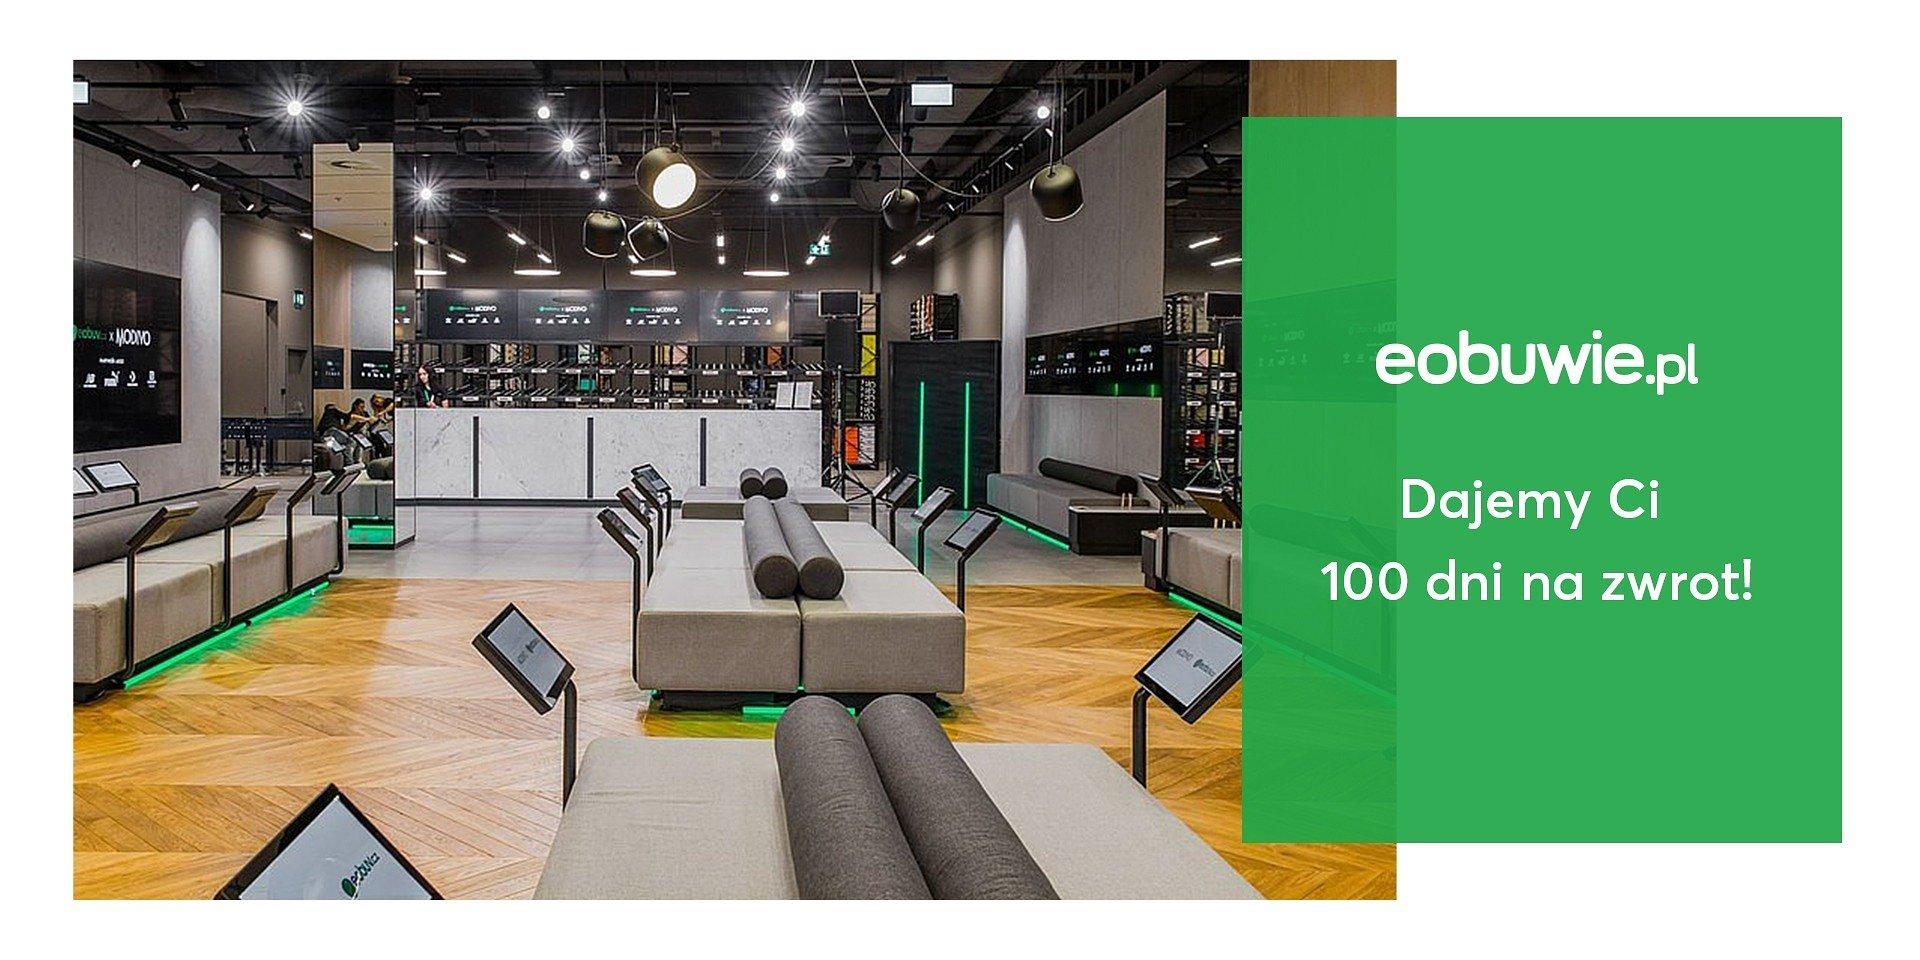 Eobuwie.pl: 100 dni na darmowy zwrot dla klientów